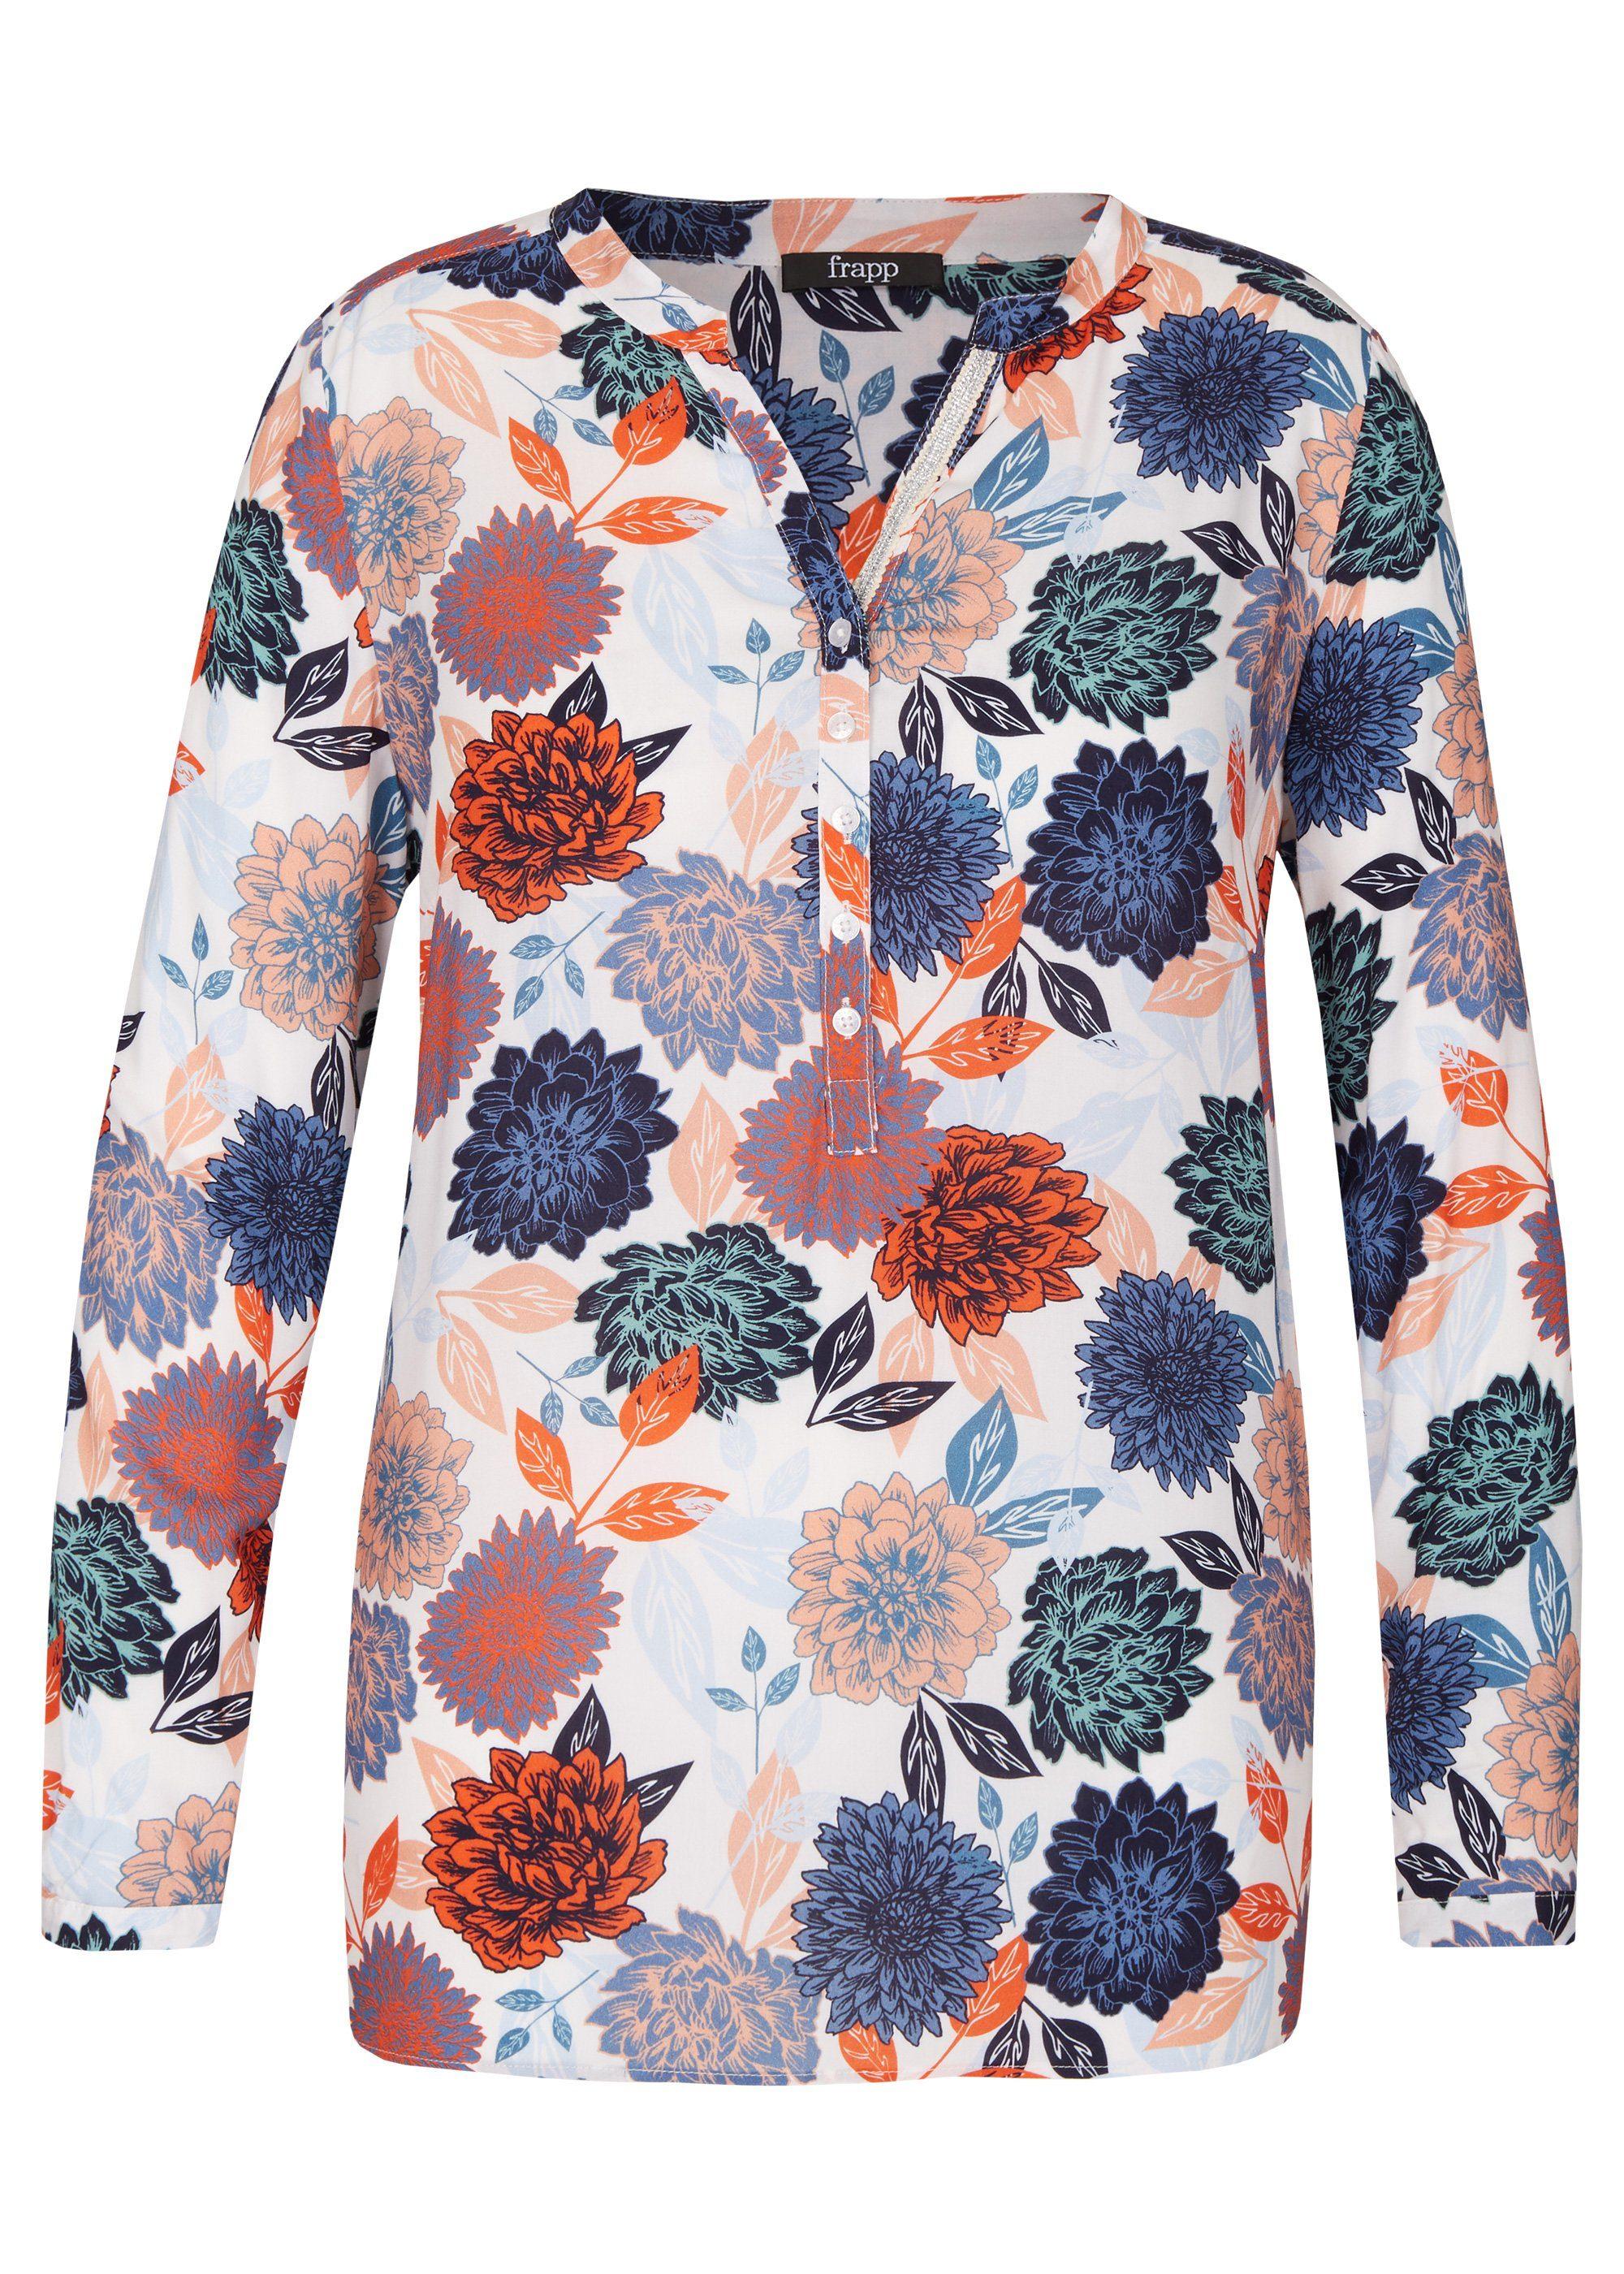 FRAPP Feminine Bluse mit Blumen-Print